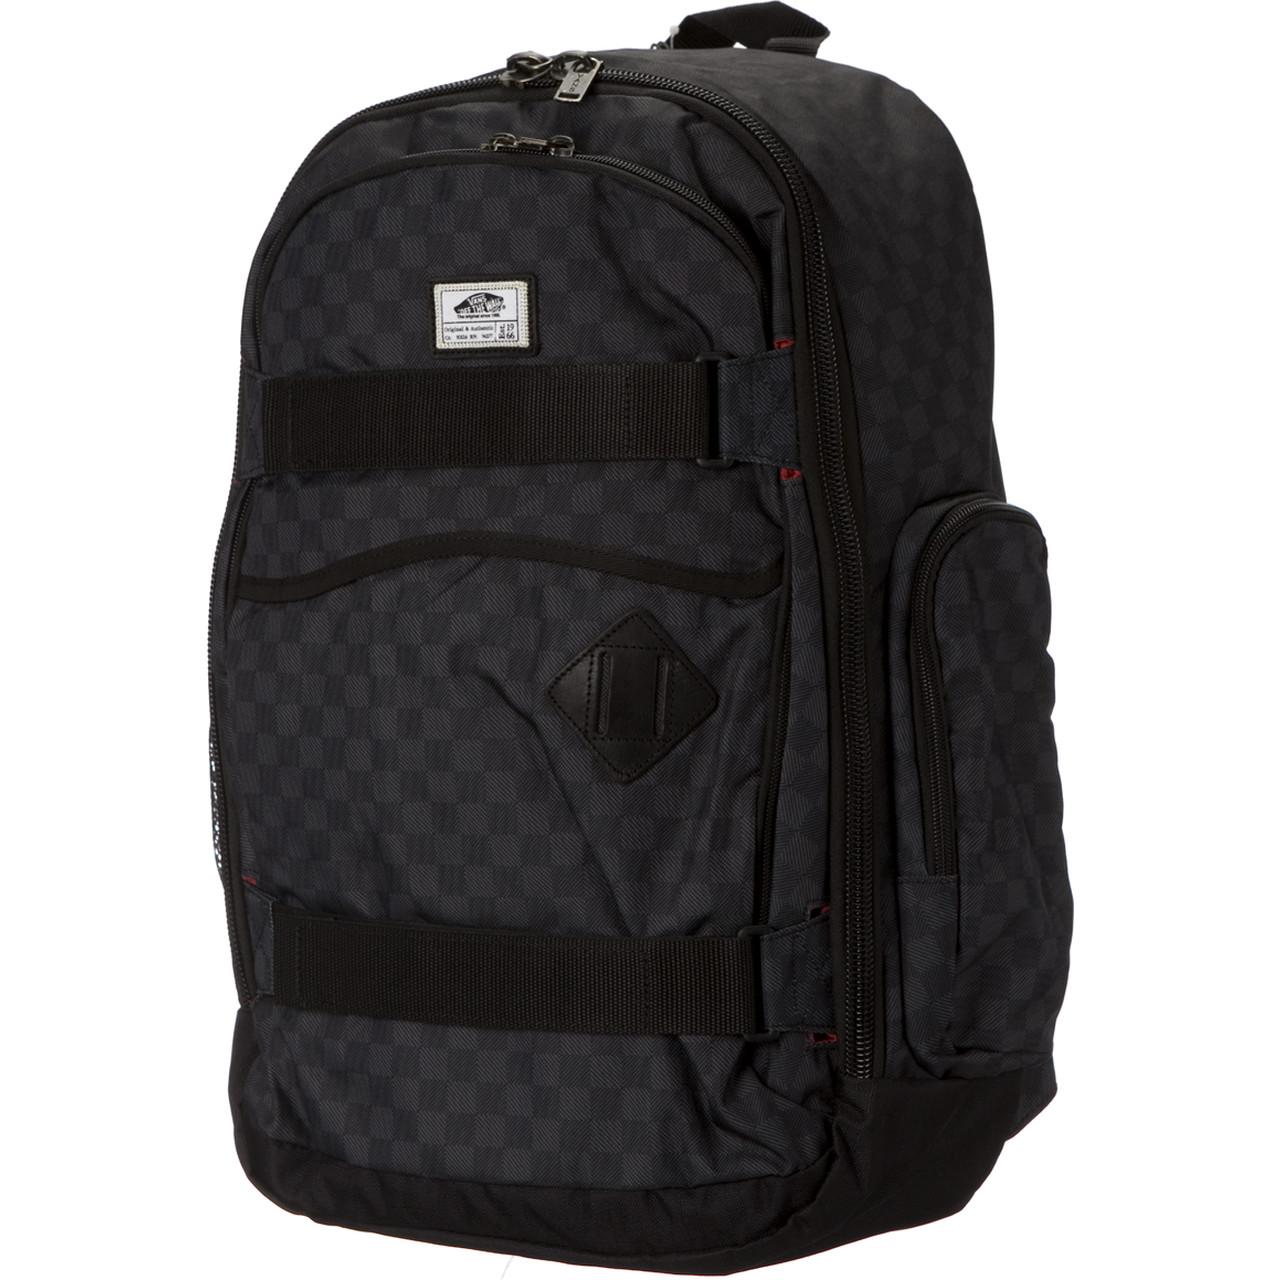 b67588d606 plecak vans transient ii sportowe